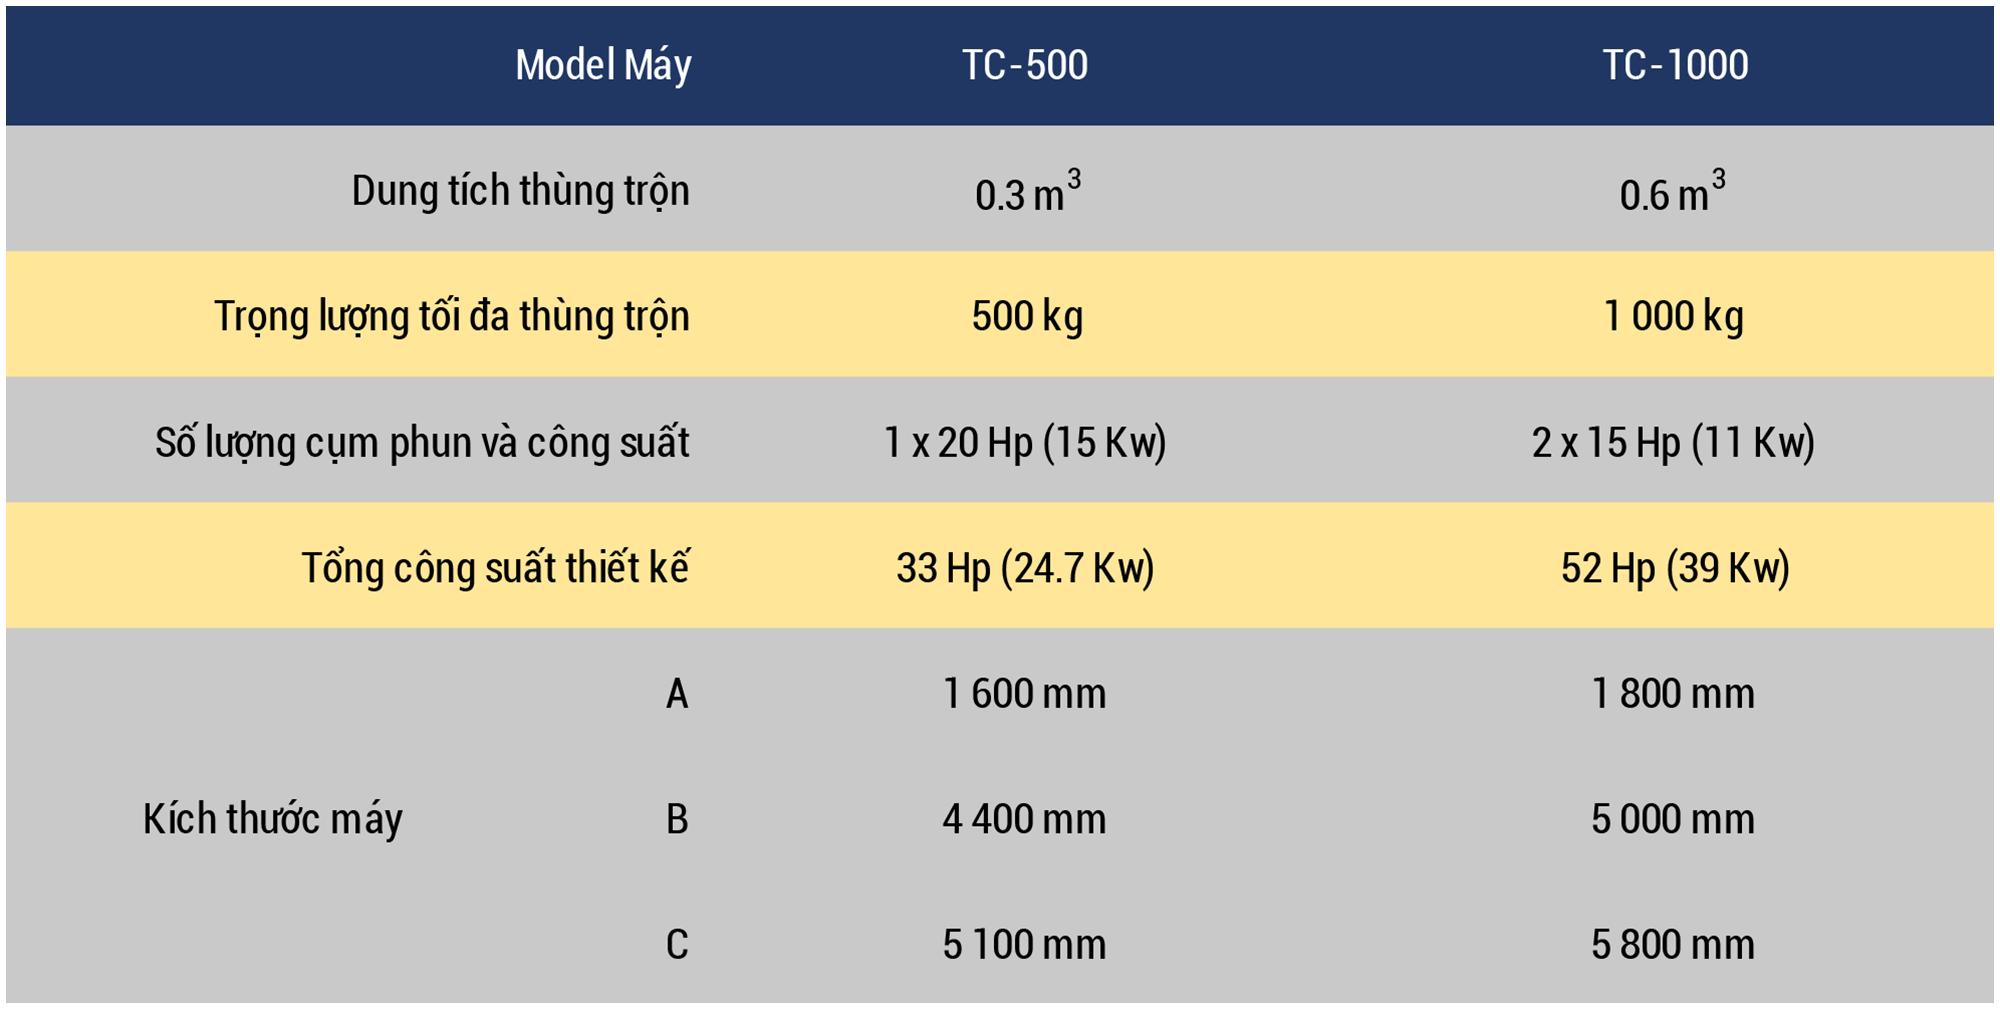 Datasheet Small Tumblast Vietnamese